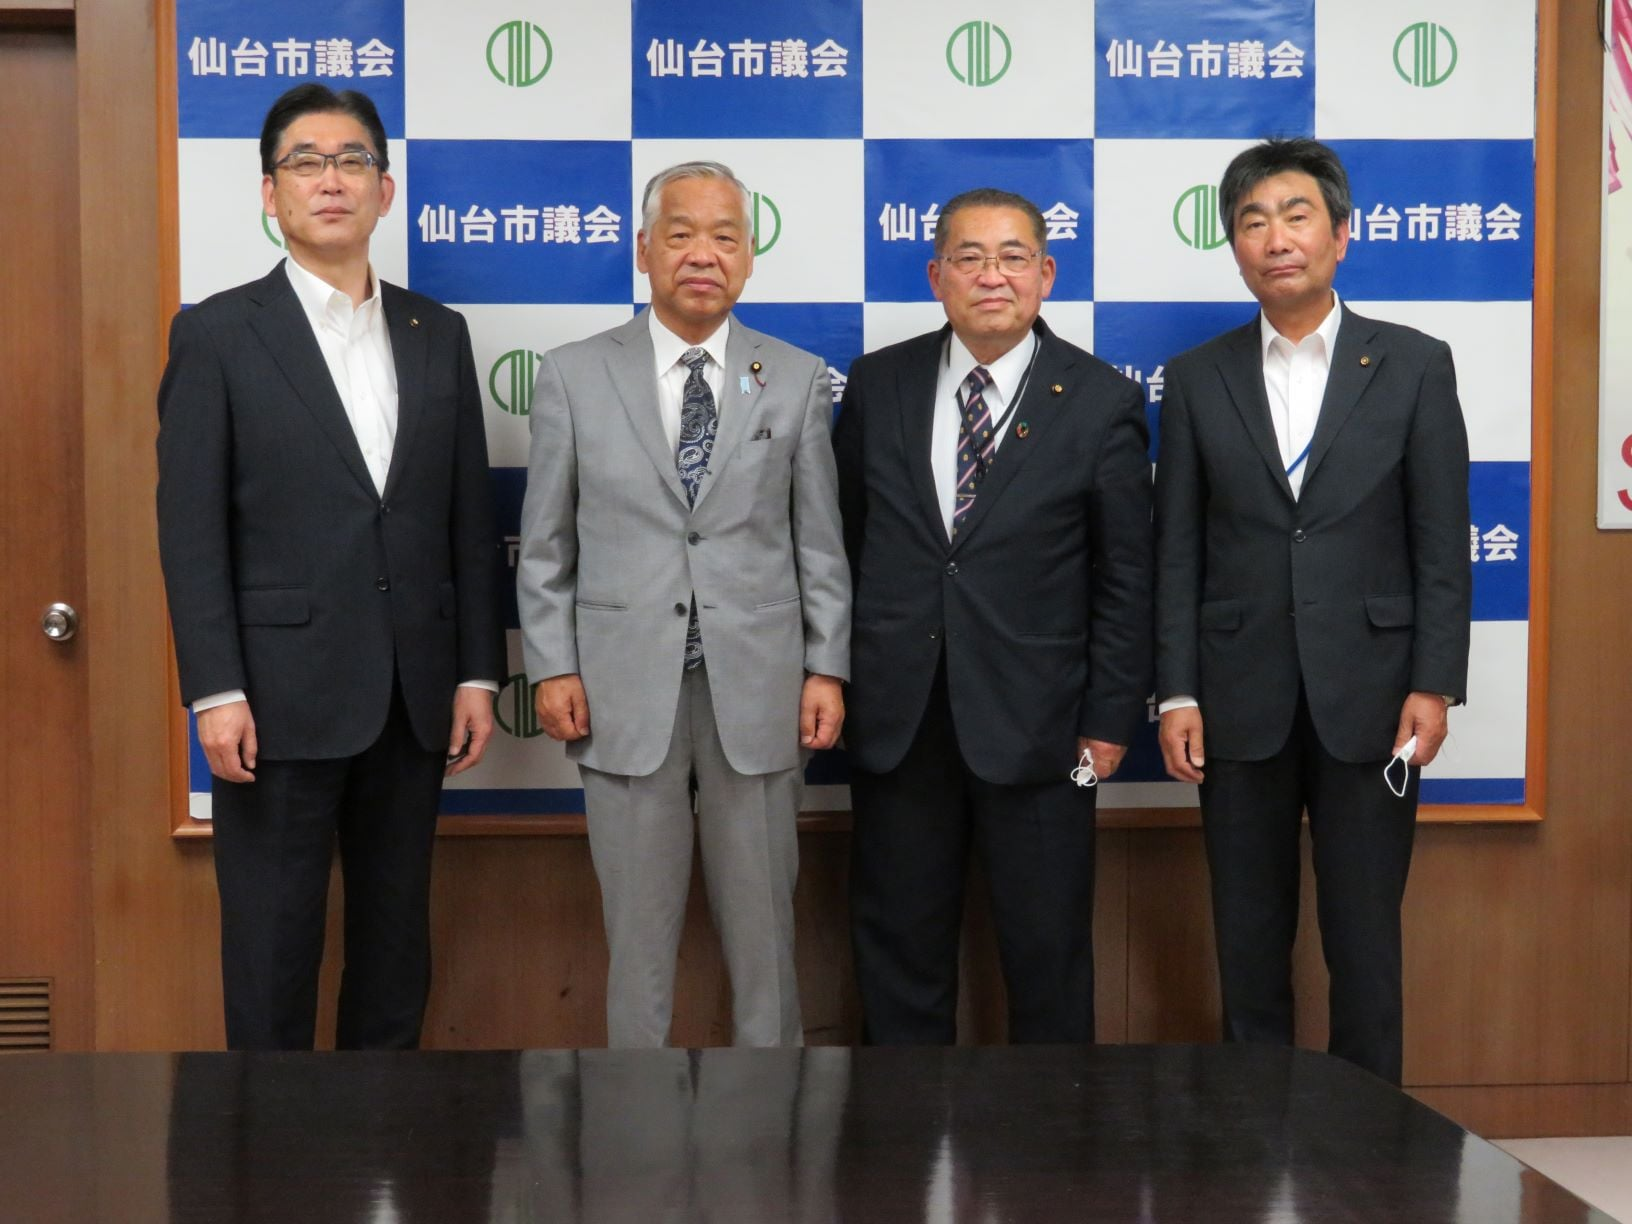 栗原市議会の佐藤千昭議長、高橋勝男副議長が就任ご挨拶に来訪されました